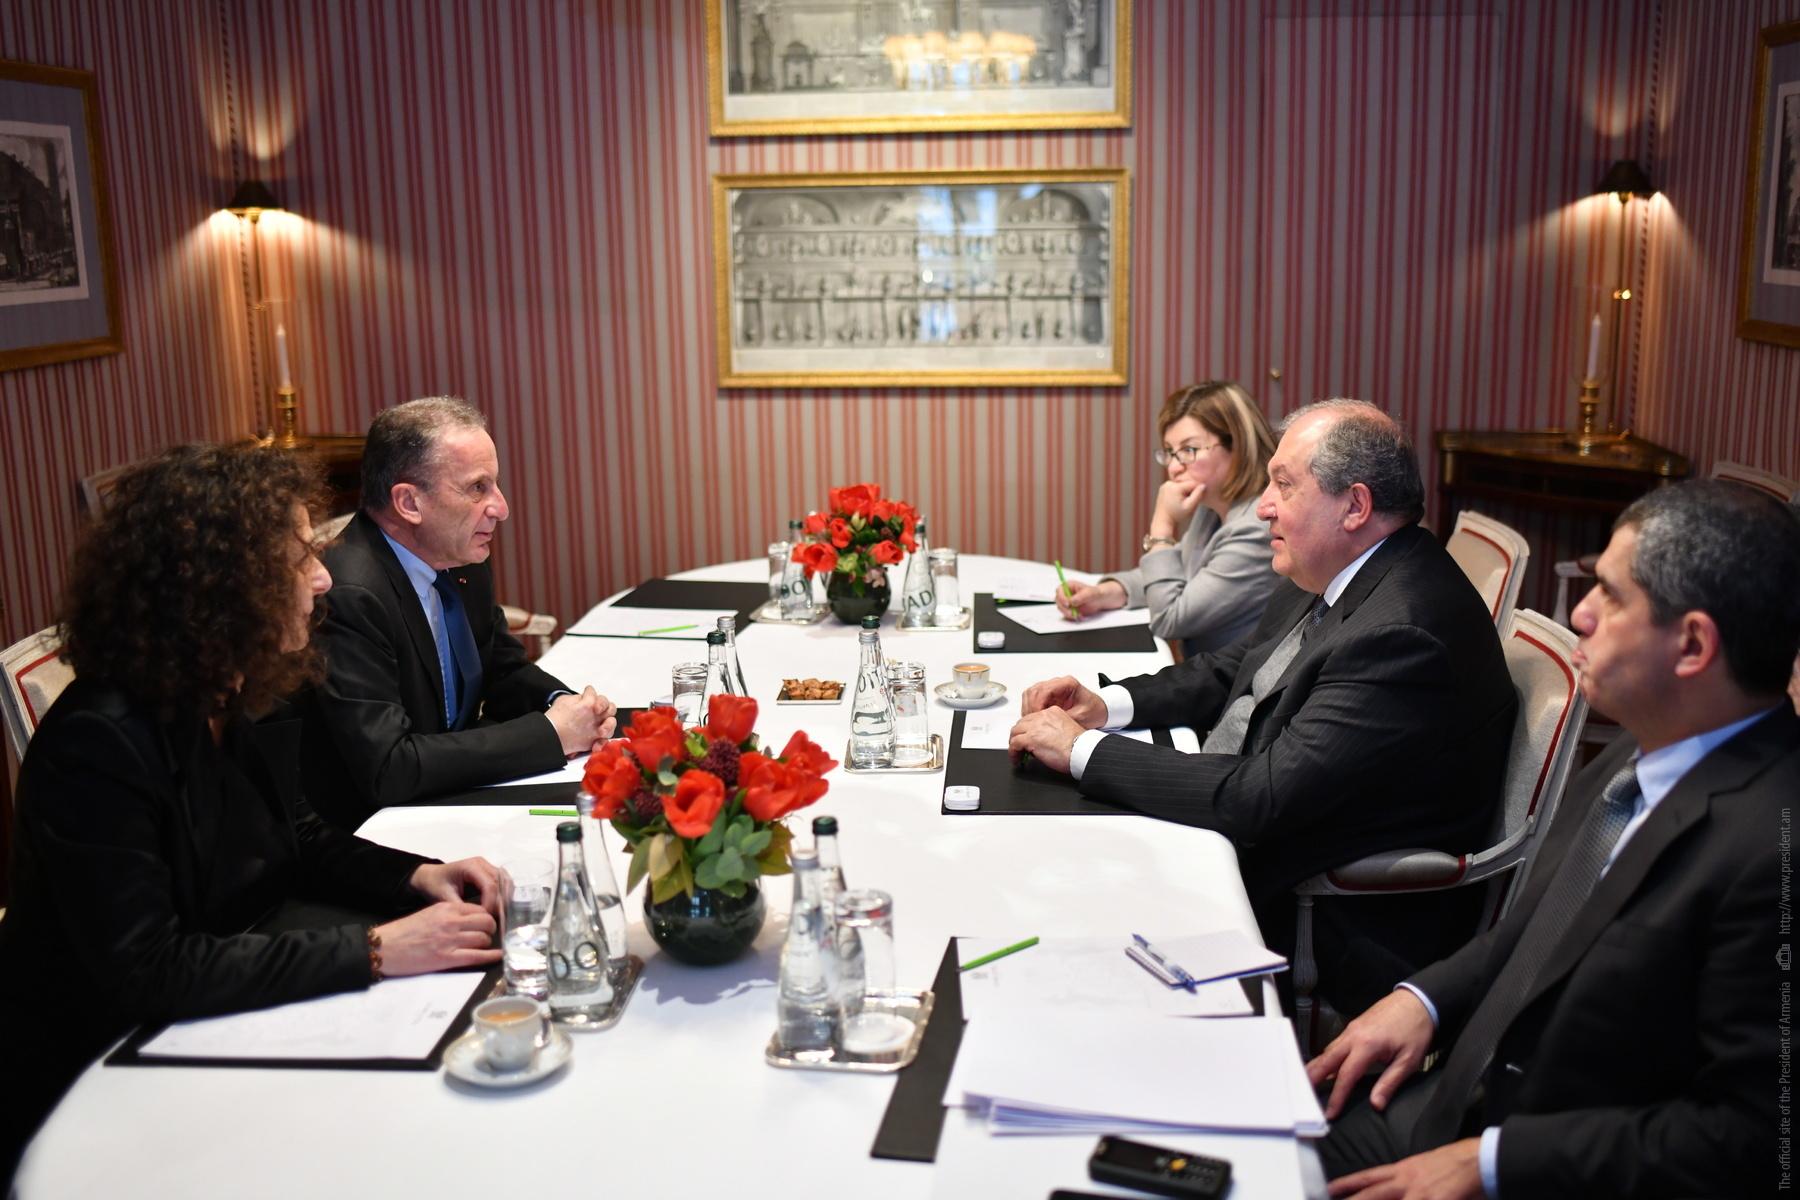 Այլընտրանքային էներգետիկան հեռանկարային ոլորտ է մեր երկրի համար. նախագահ Սարգսյանը շարունակում է հանդիպումները Ֆրանսիայի գործարար շրջանակների հետ